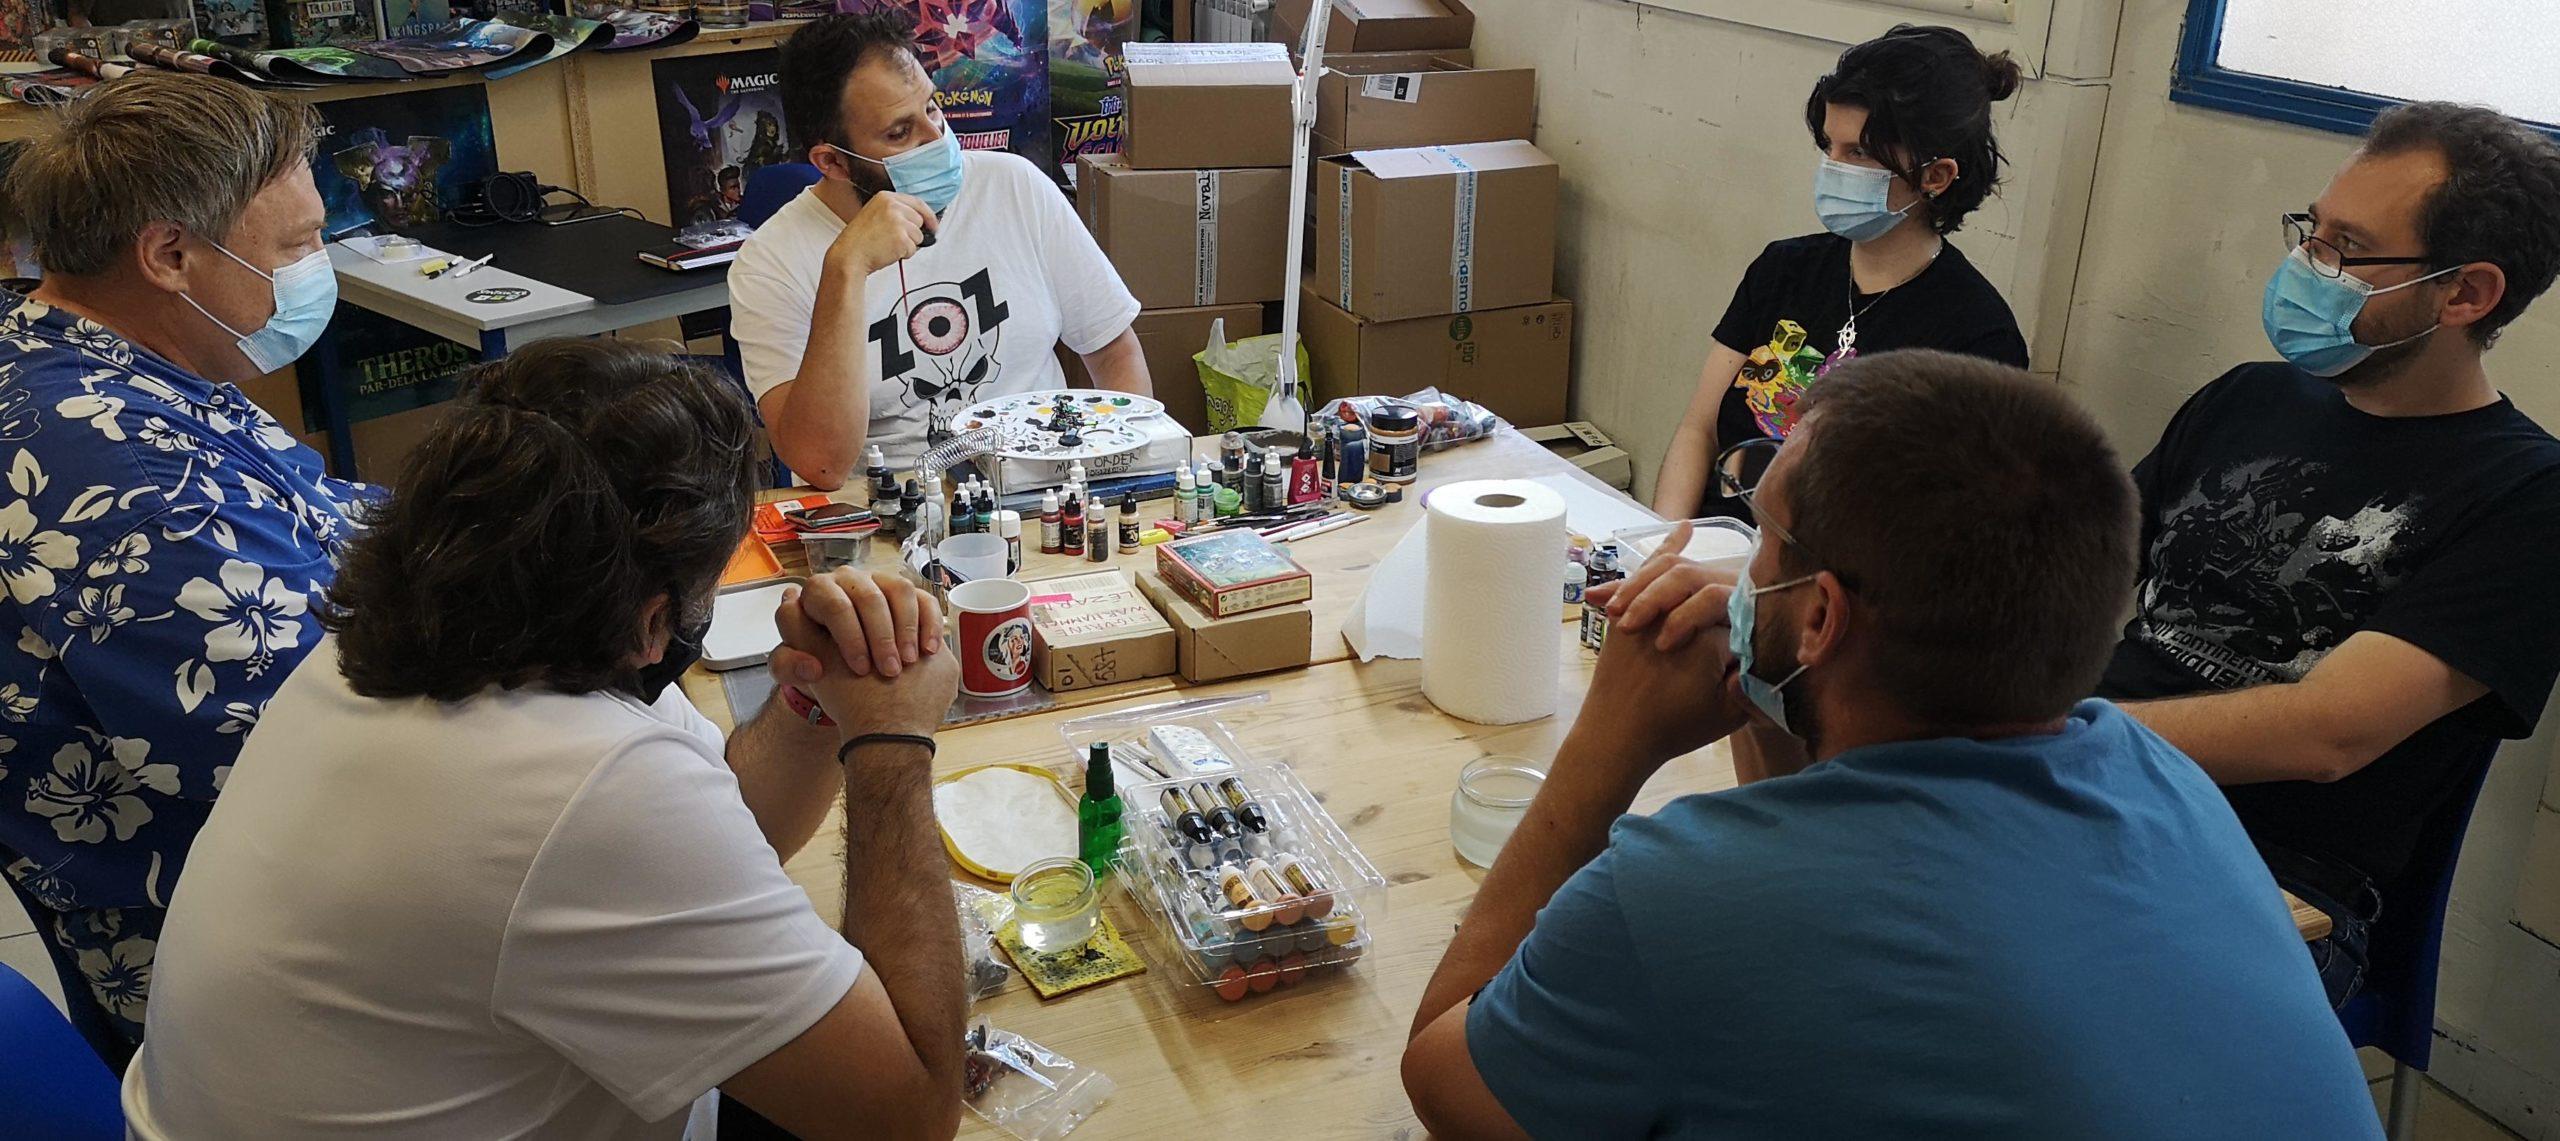 2021.06.05 ZoZ cours de peinture2 Zoran   Jeux Toulon L'Atanière